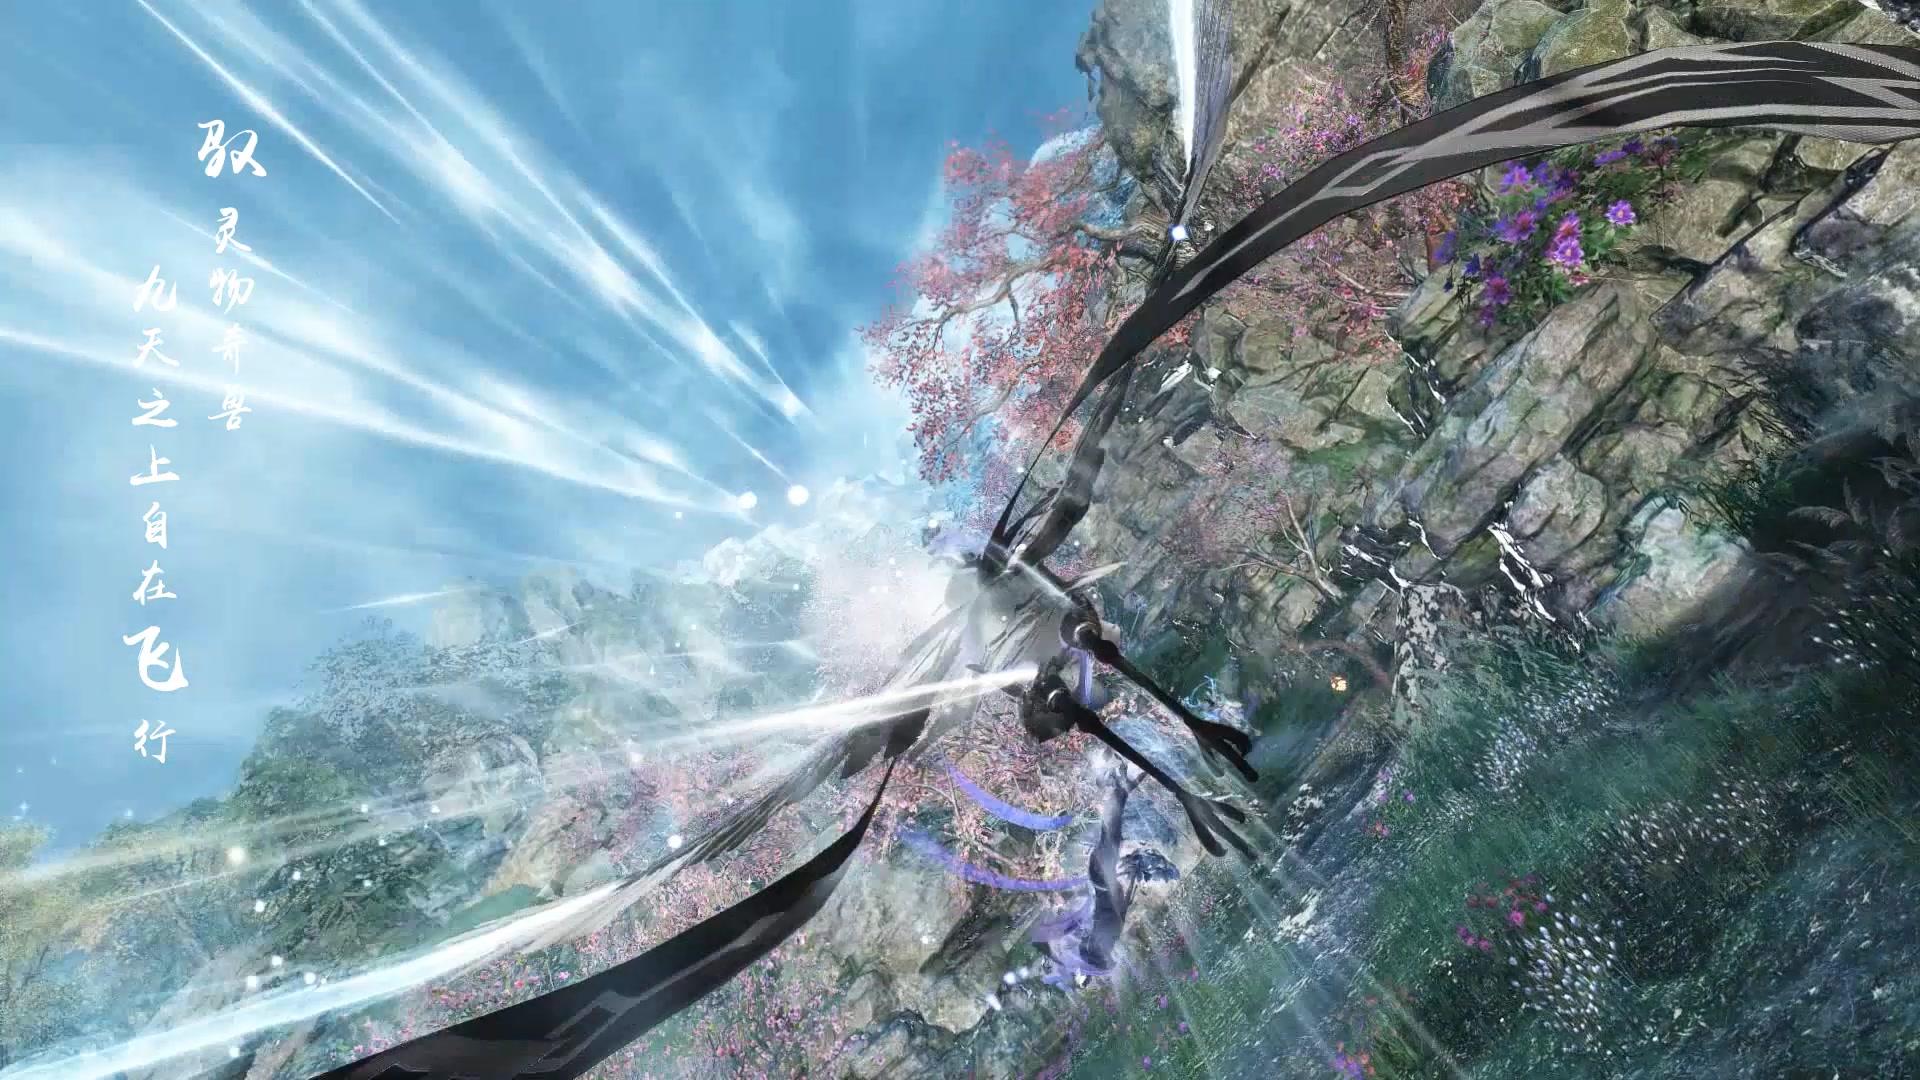 《古剑奇谭OL》自在飞行视频